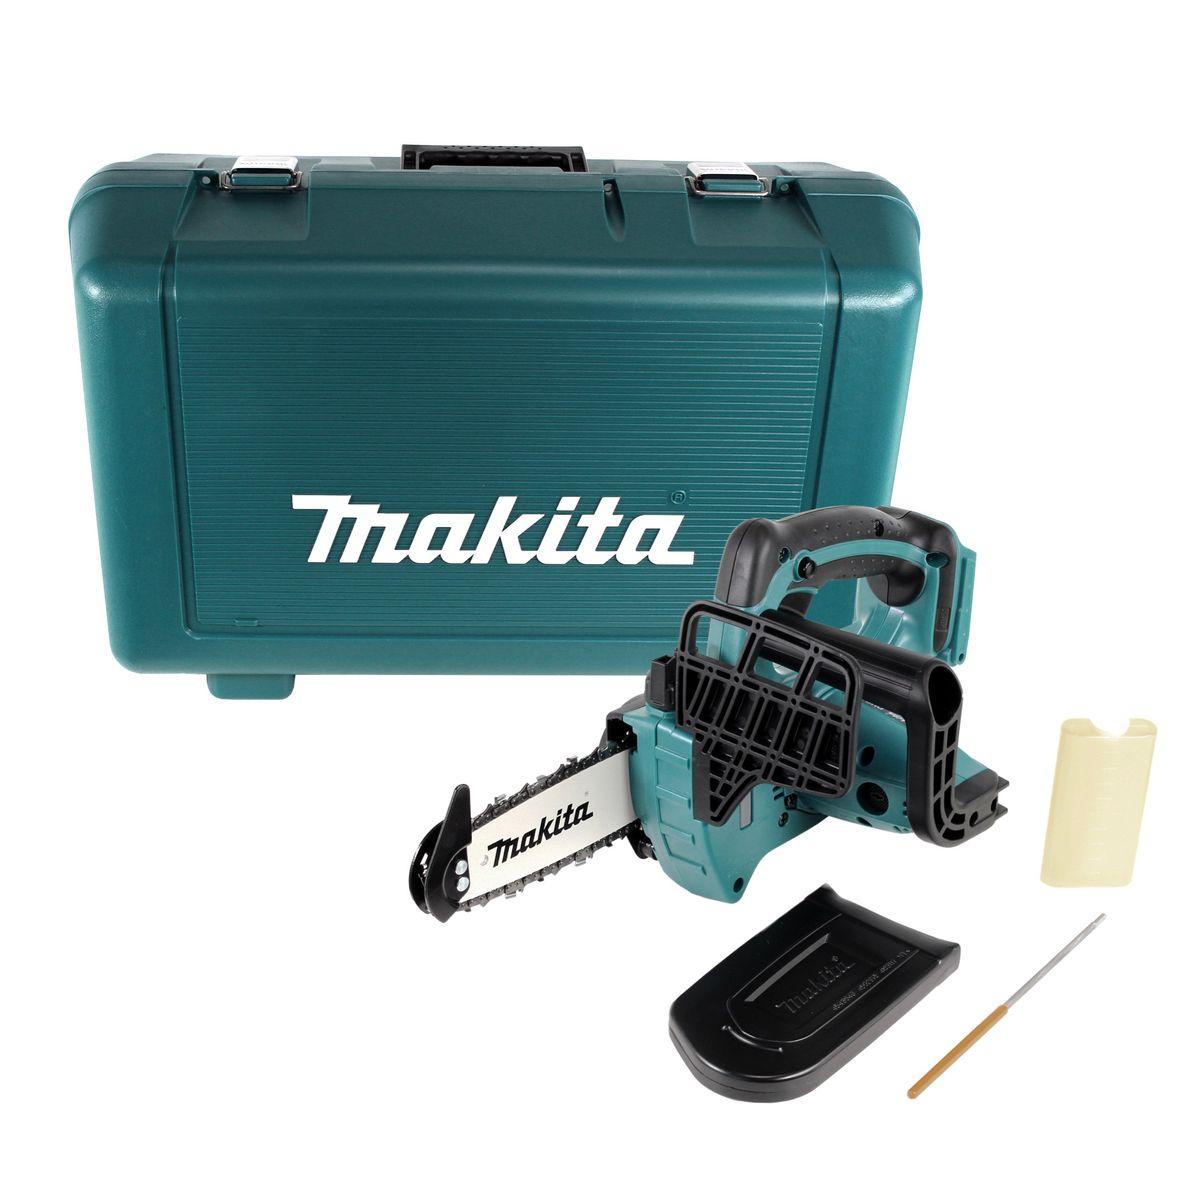 Makita DUC122Z Akku Kettensäge 18V Top Handle Motorsäge ohne Akku ohne Ladegerät